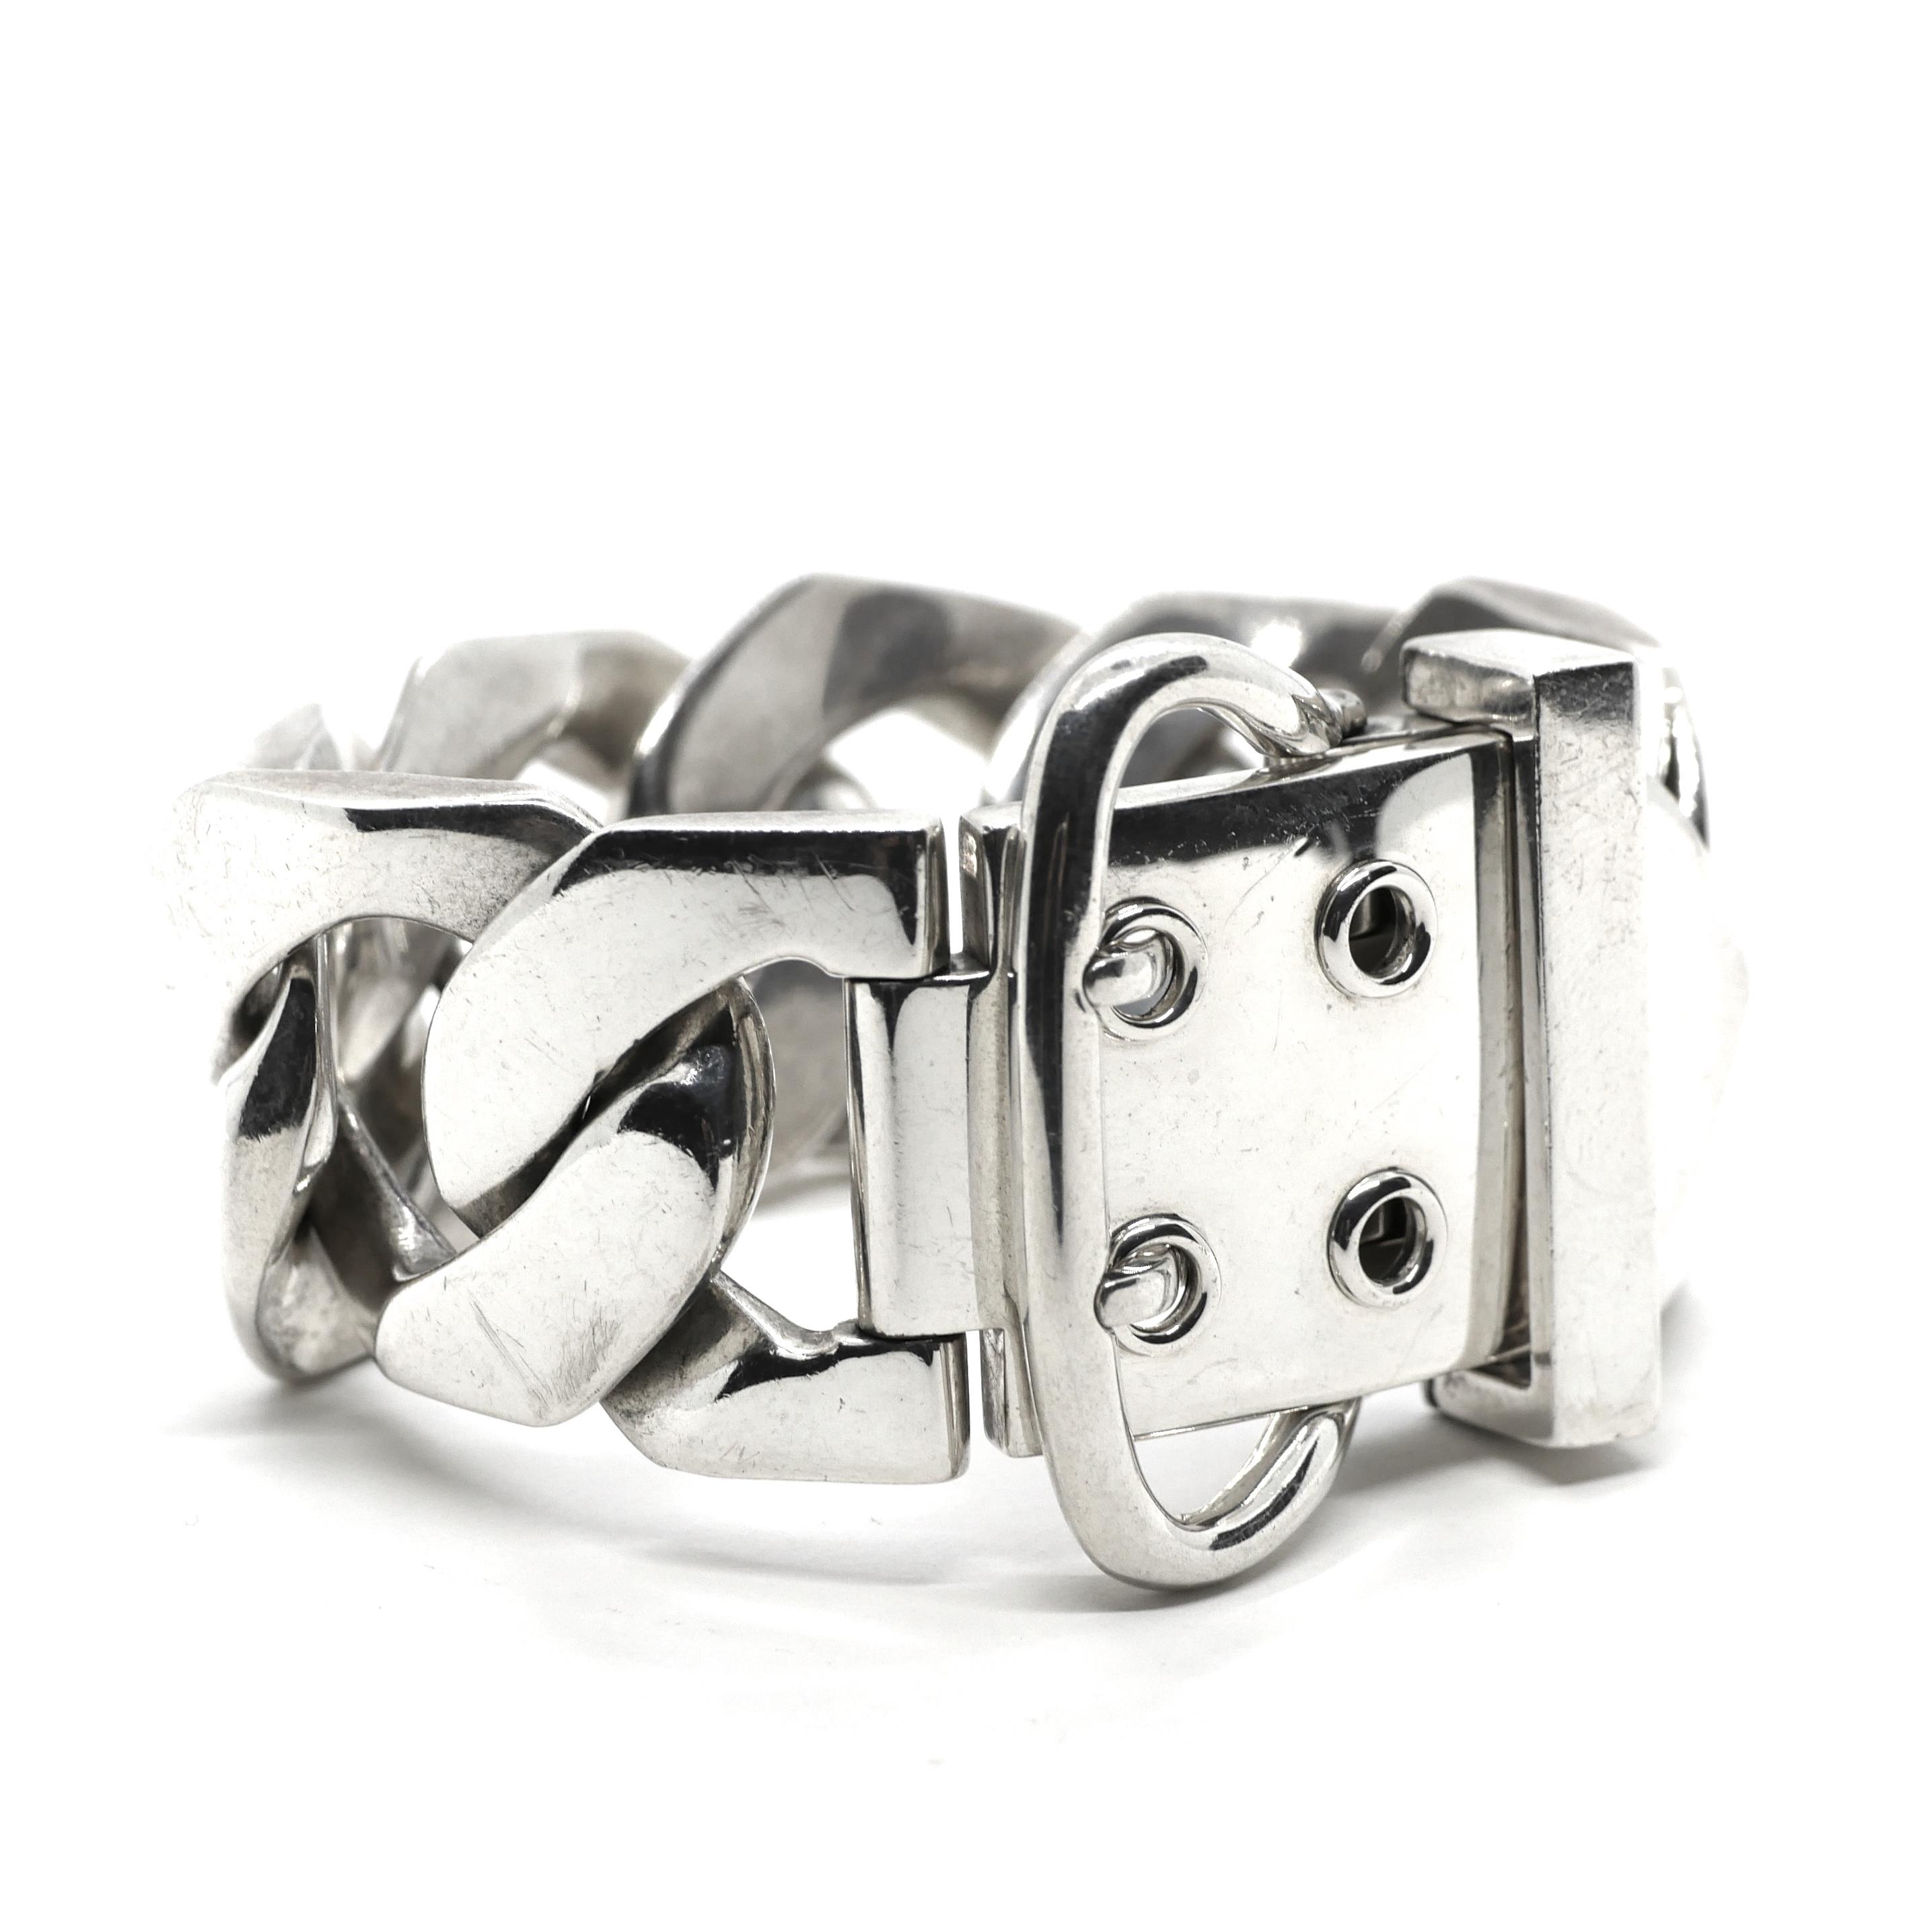 c5d4f16dea77 Hermès Vintage Sterling Silver Boucle Sellier Bracelet TGM   The ...